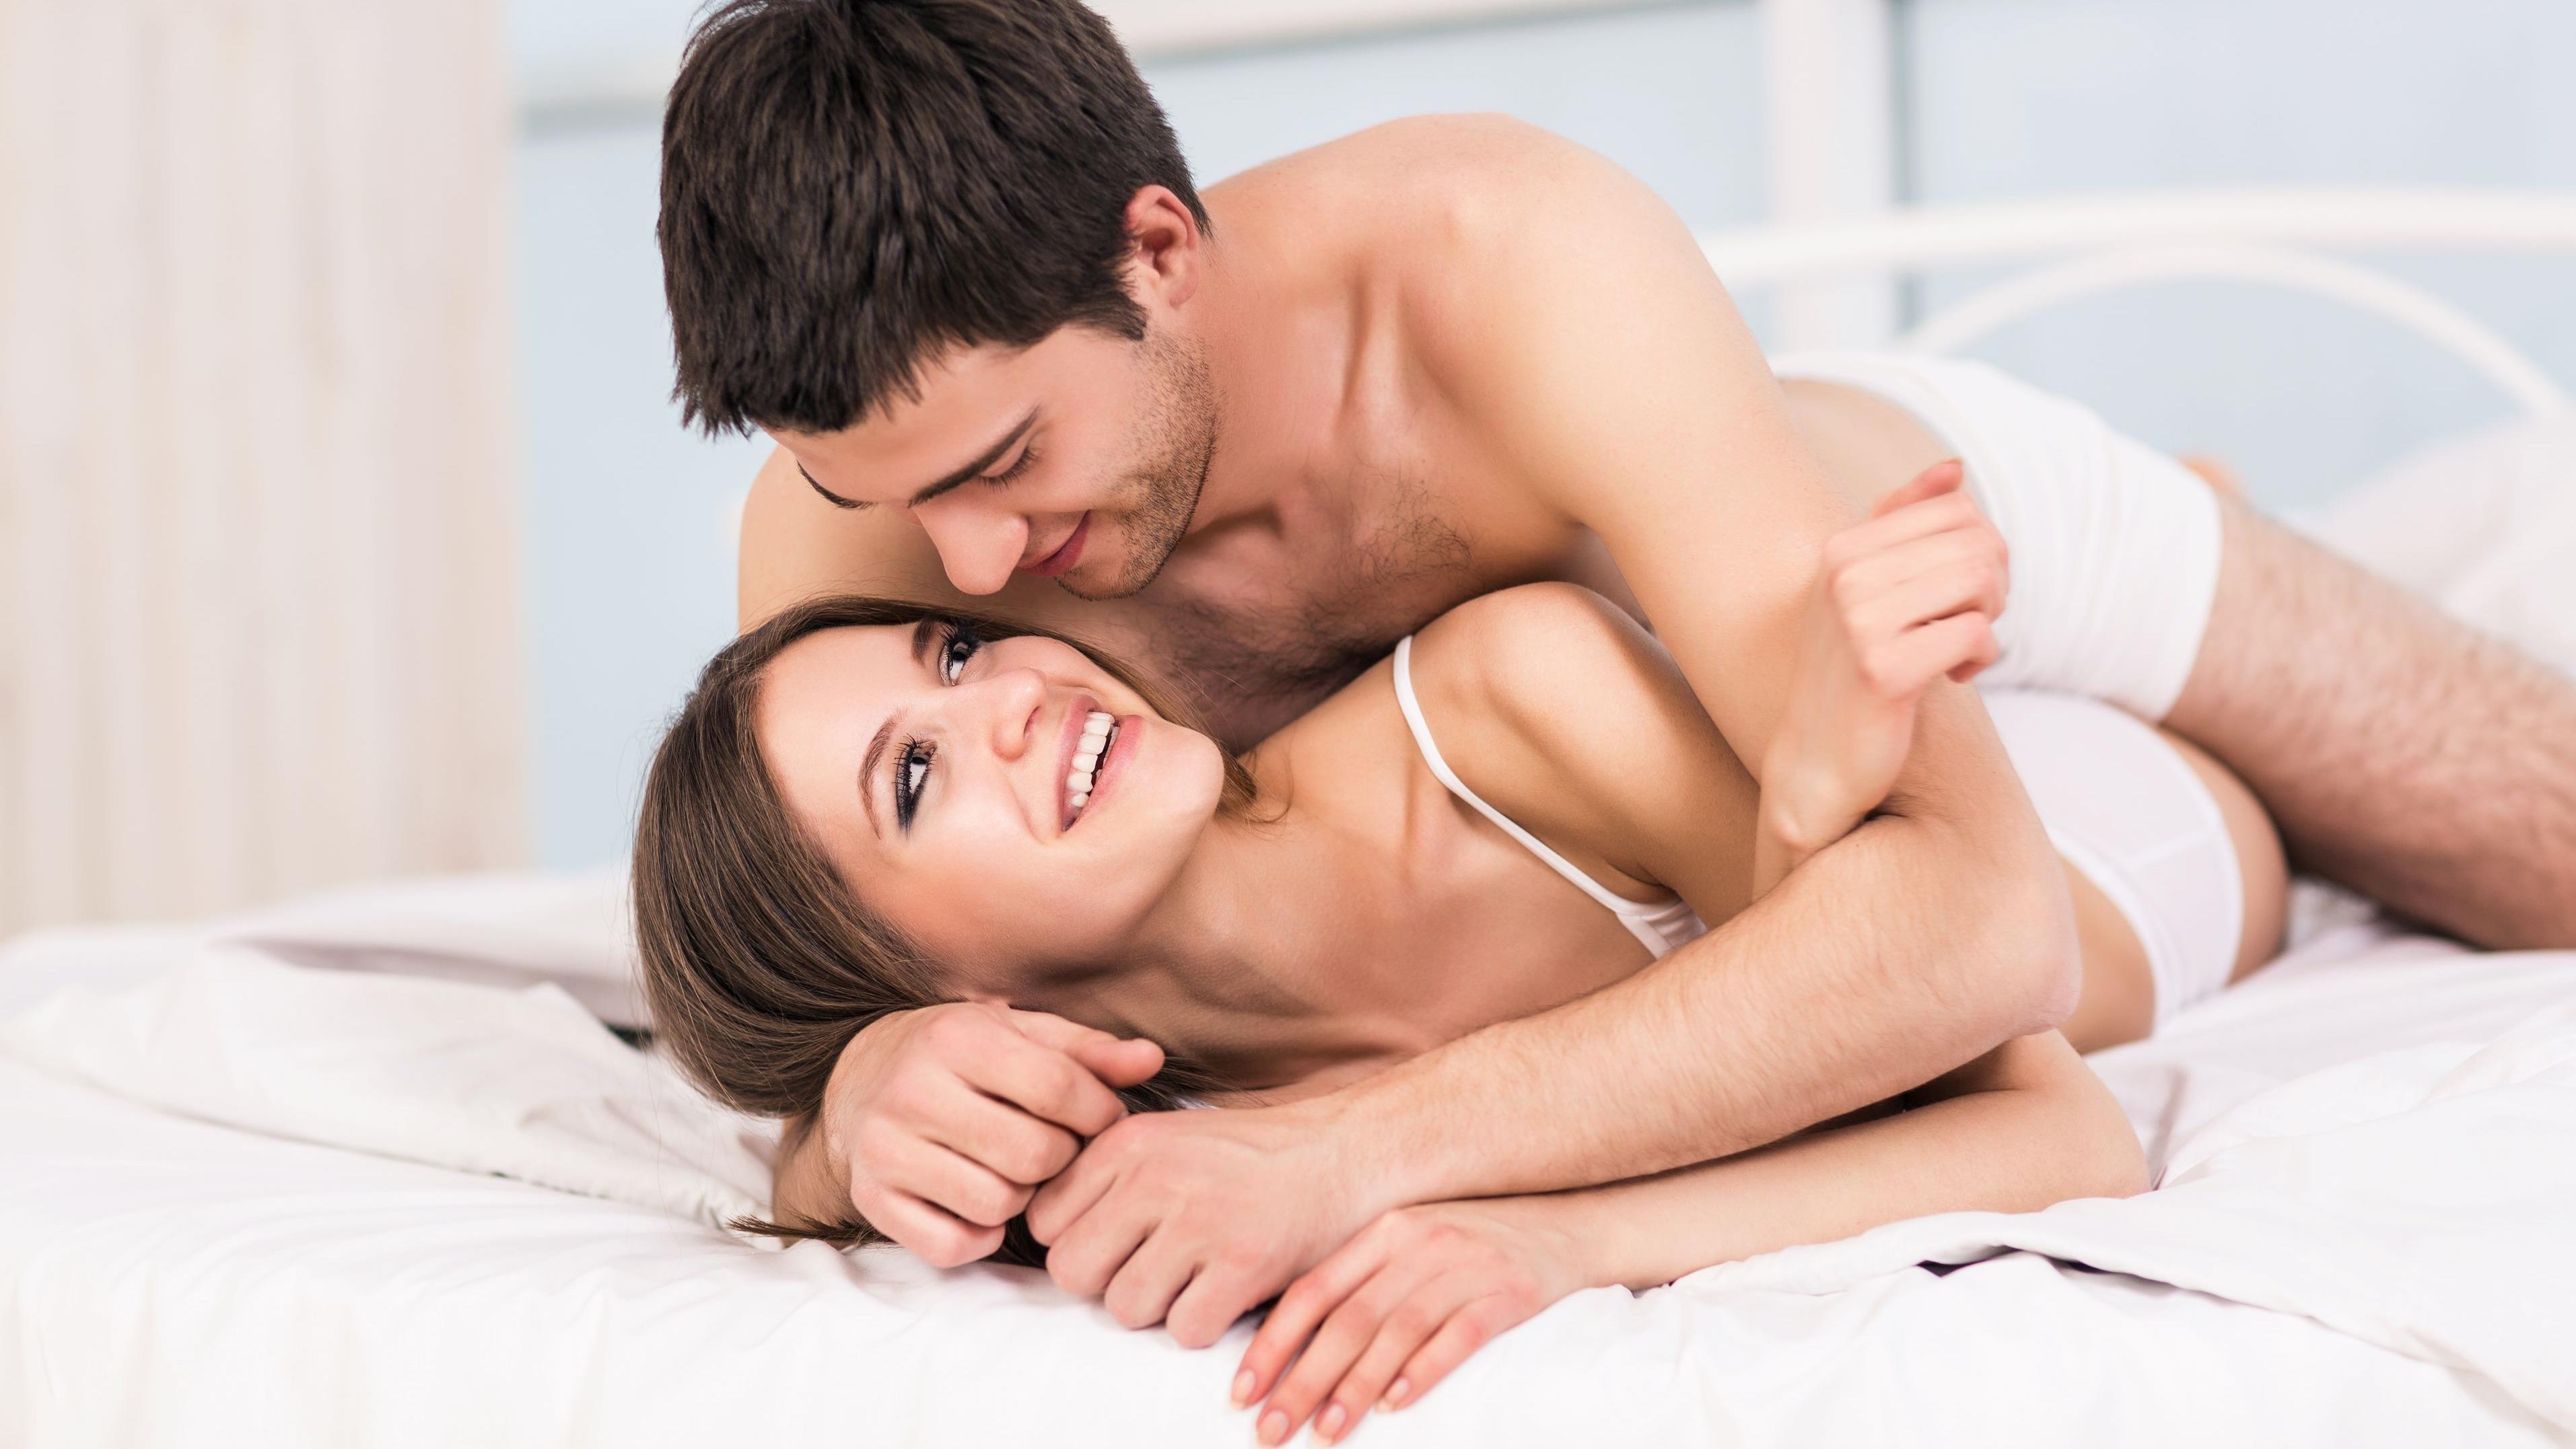 Najlepsze fotki sex azjatyckie